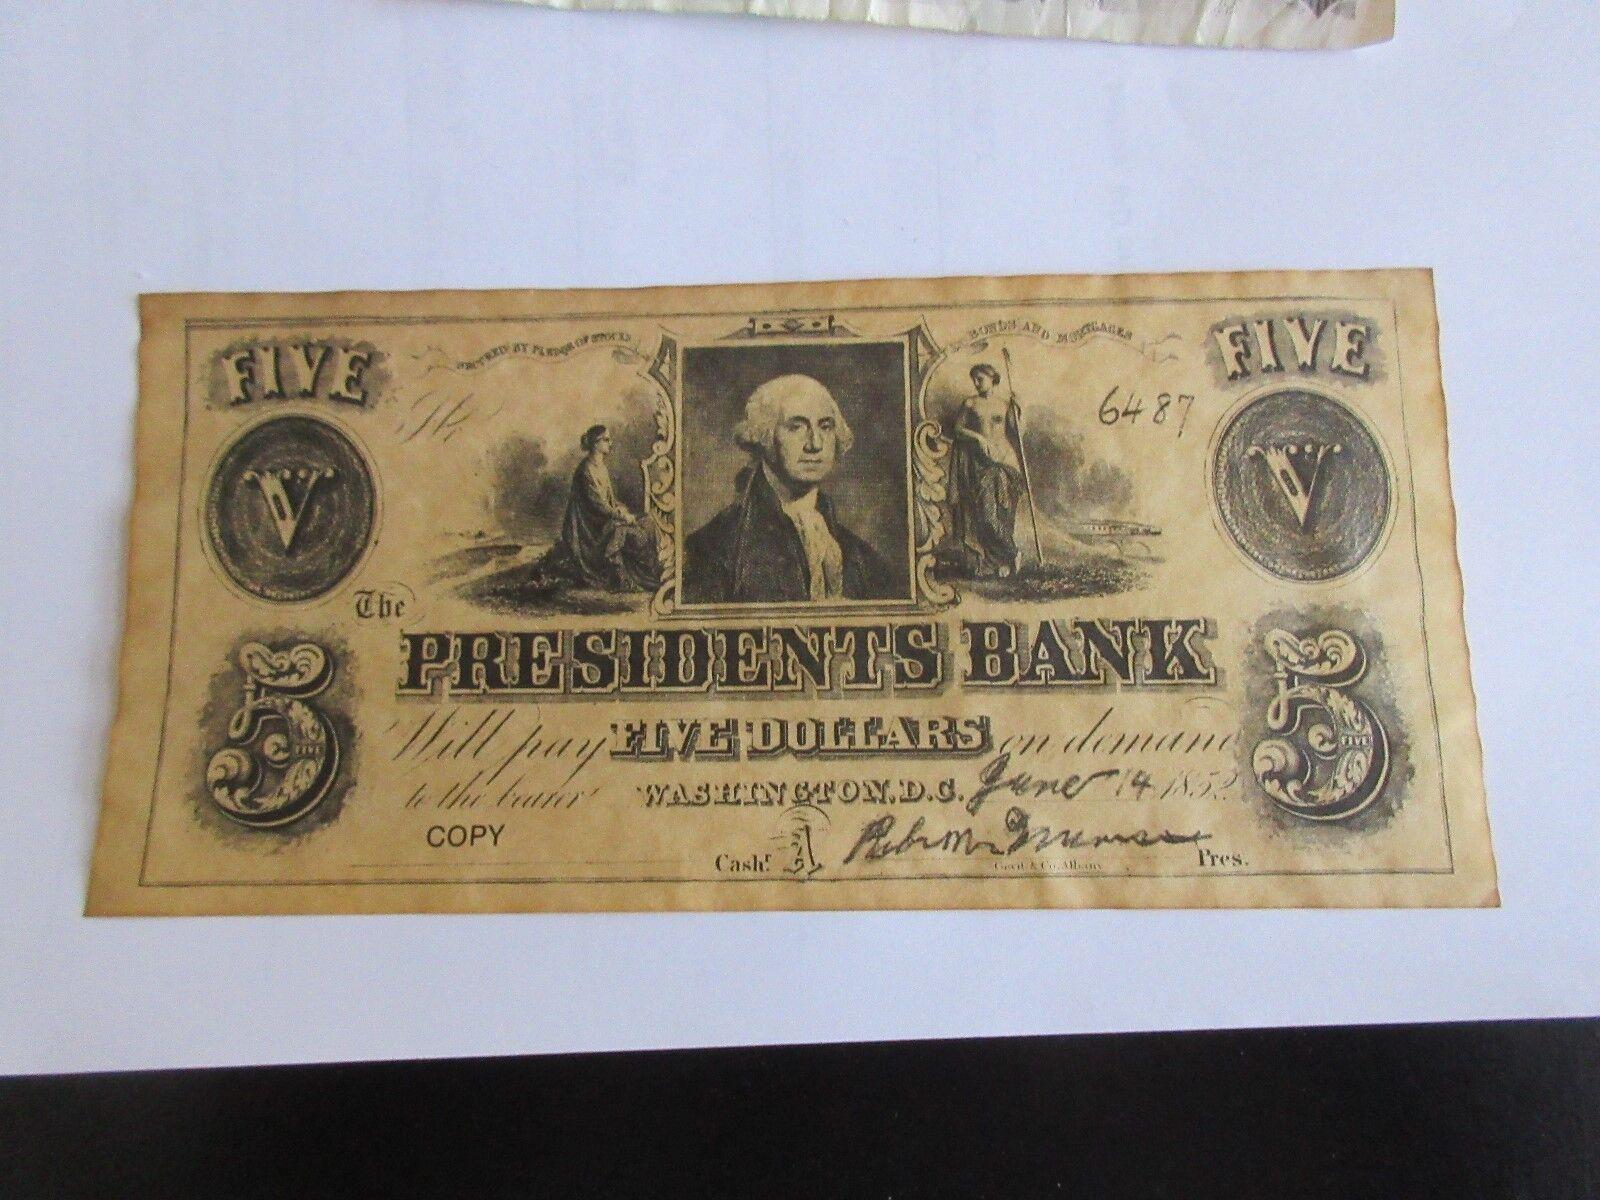 BANK OF ENGLAND - 1990 FIVE POUNDS , Circulated , Presi